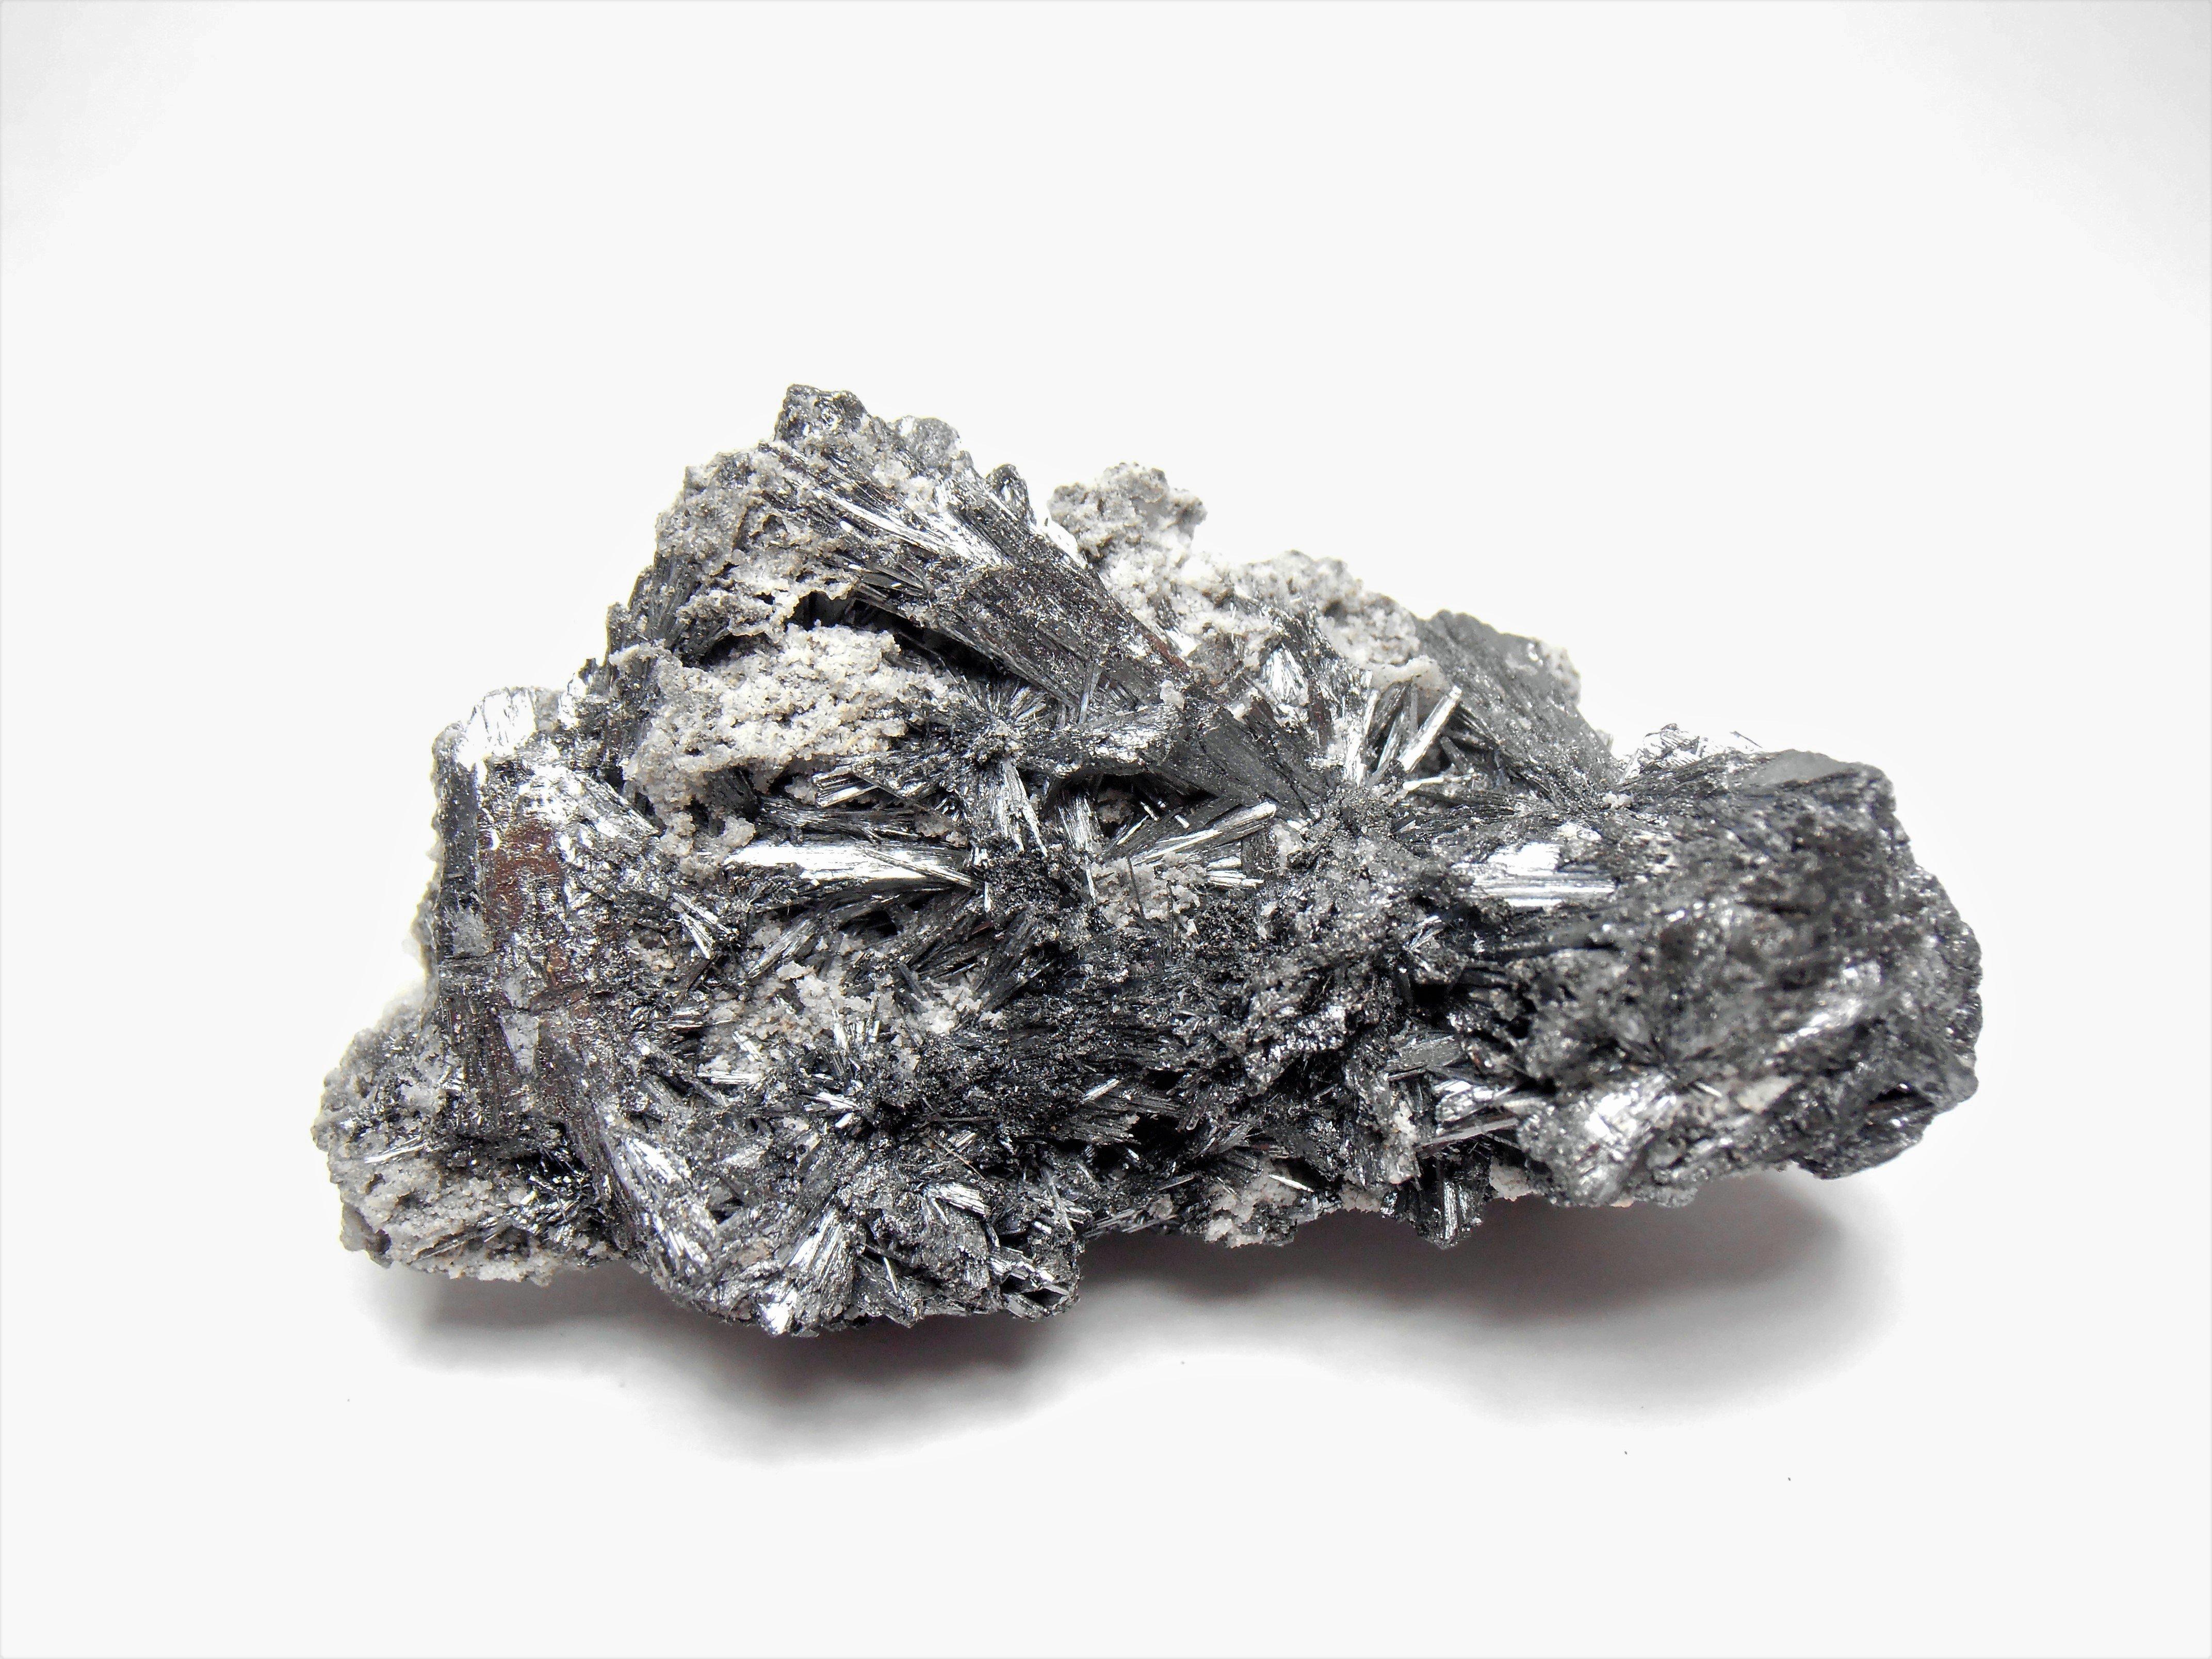 Stibnite from the Quiruvilca Mine in the La Libertad Department